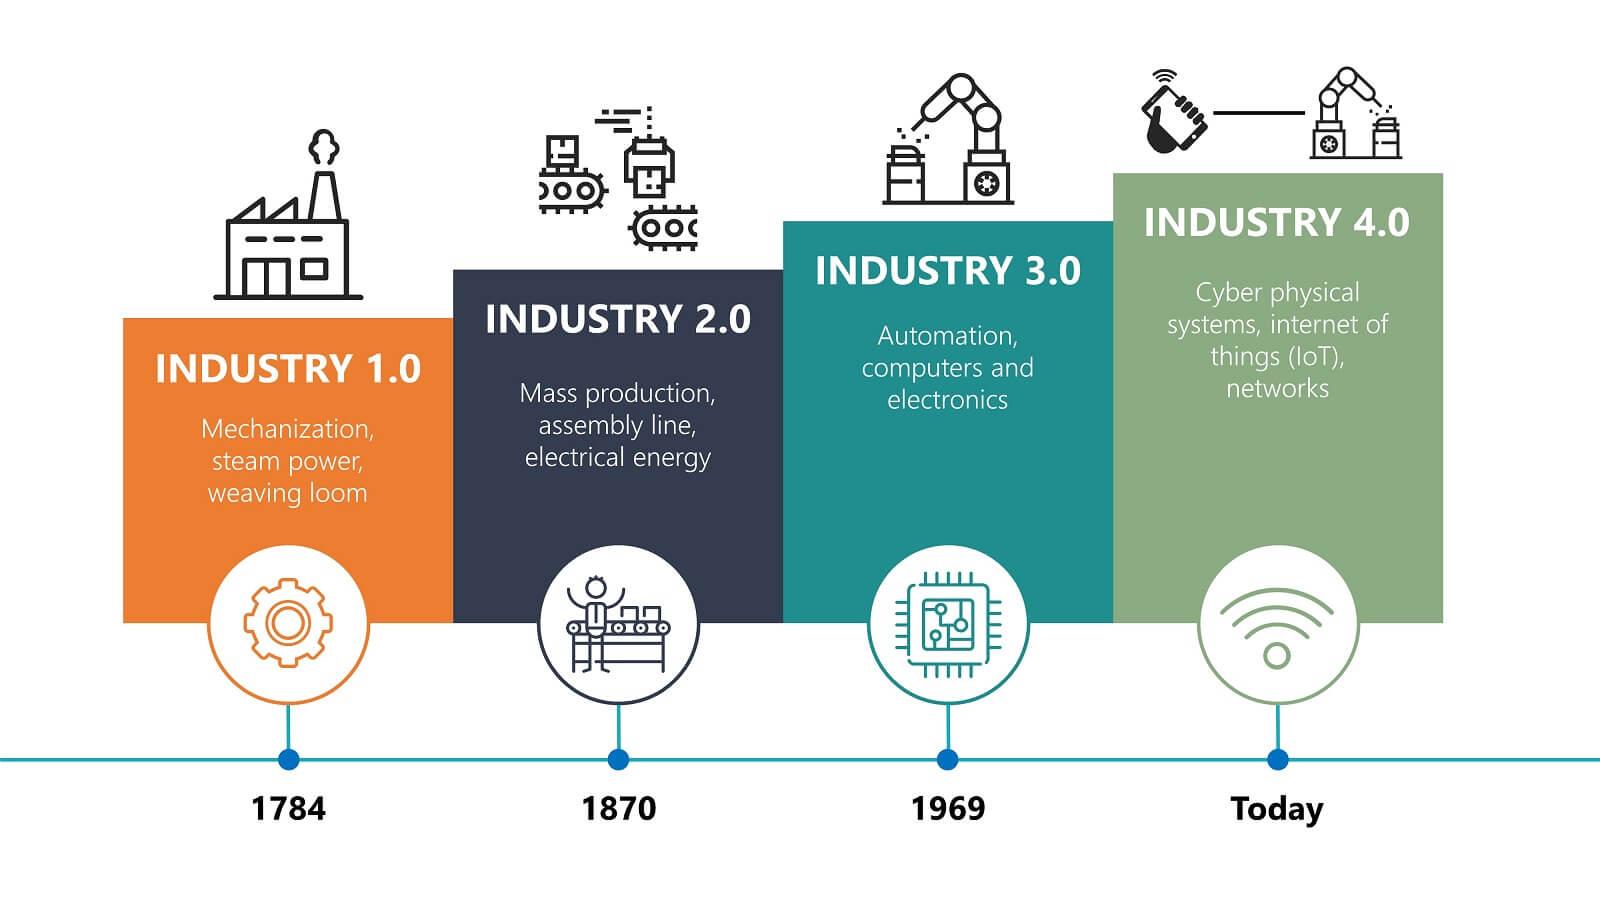 Um infográfico mostrando a evolução da indústria, até chegar na indústria 4.0